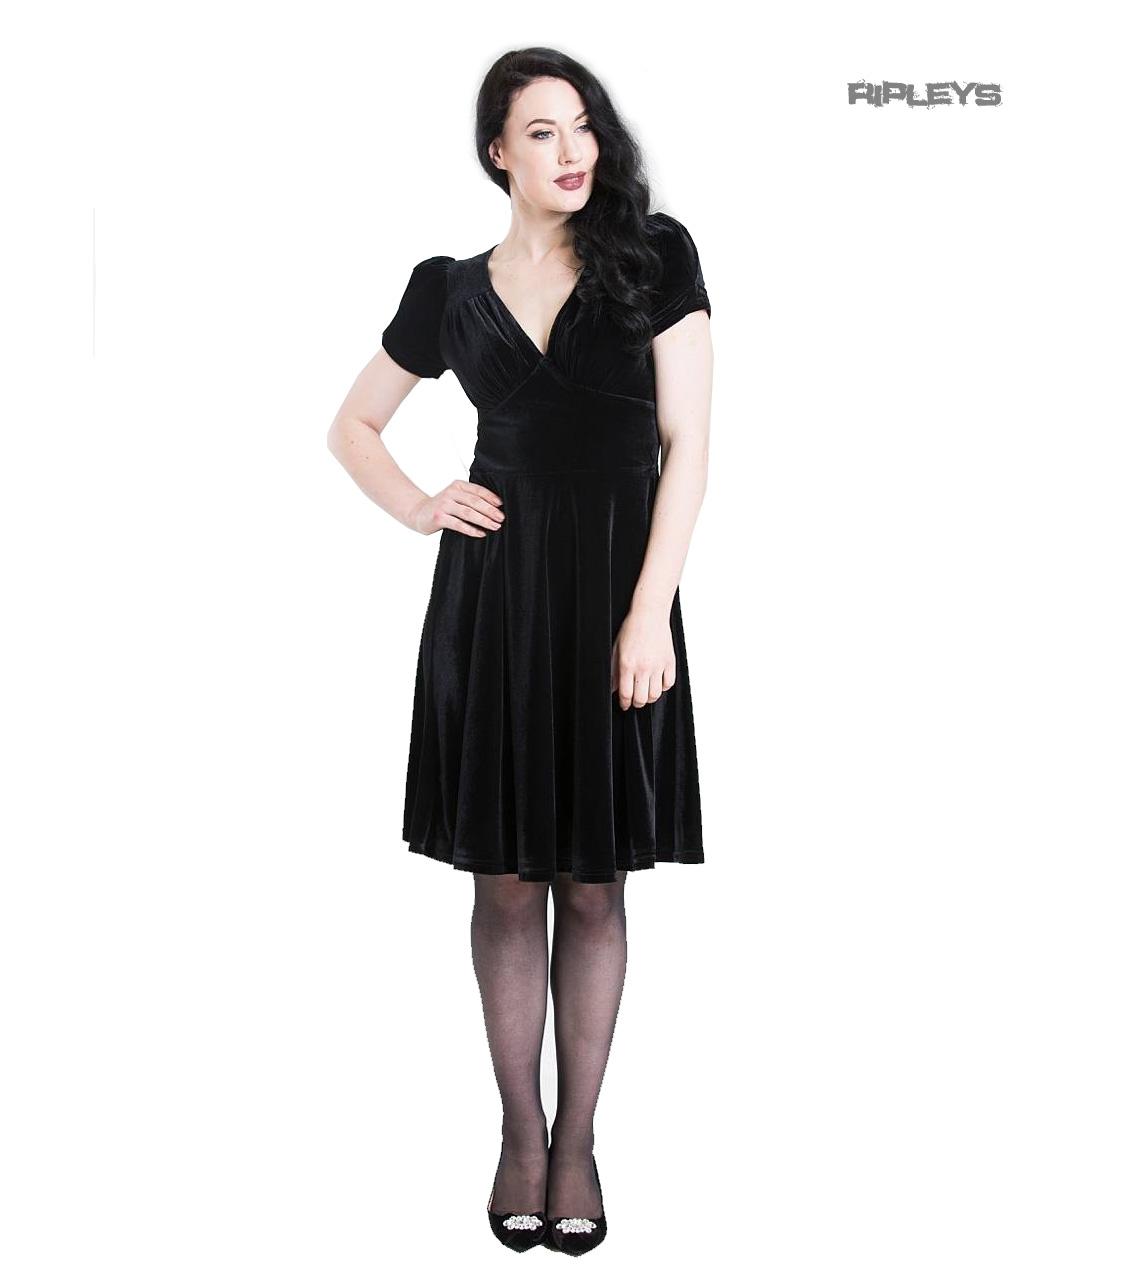 Hell-Bunny-40s-50s-Elegant-Pin-Up-Dress-JOANNE-Crushed-Velvet-Black-All-Sizes thumbnail 8